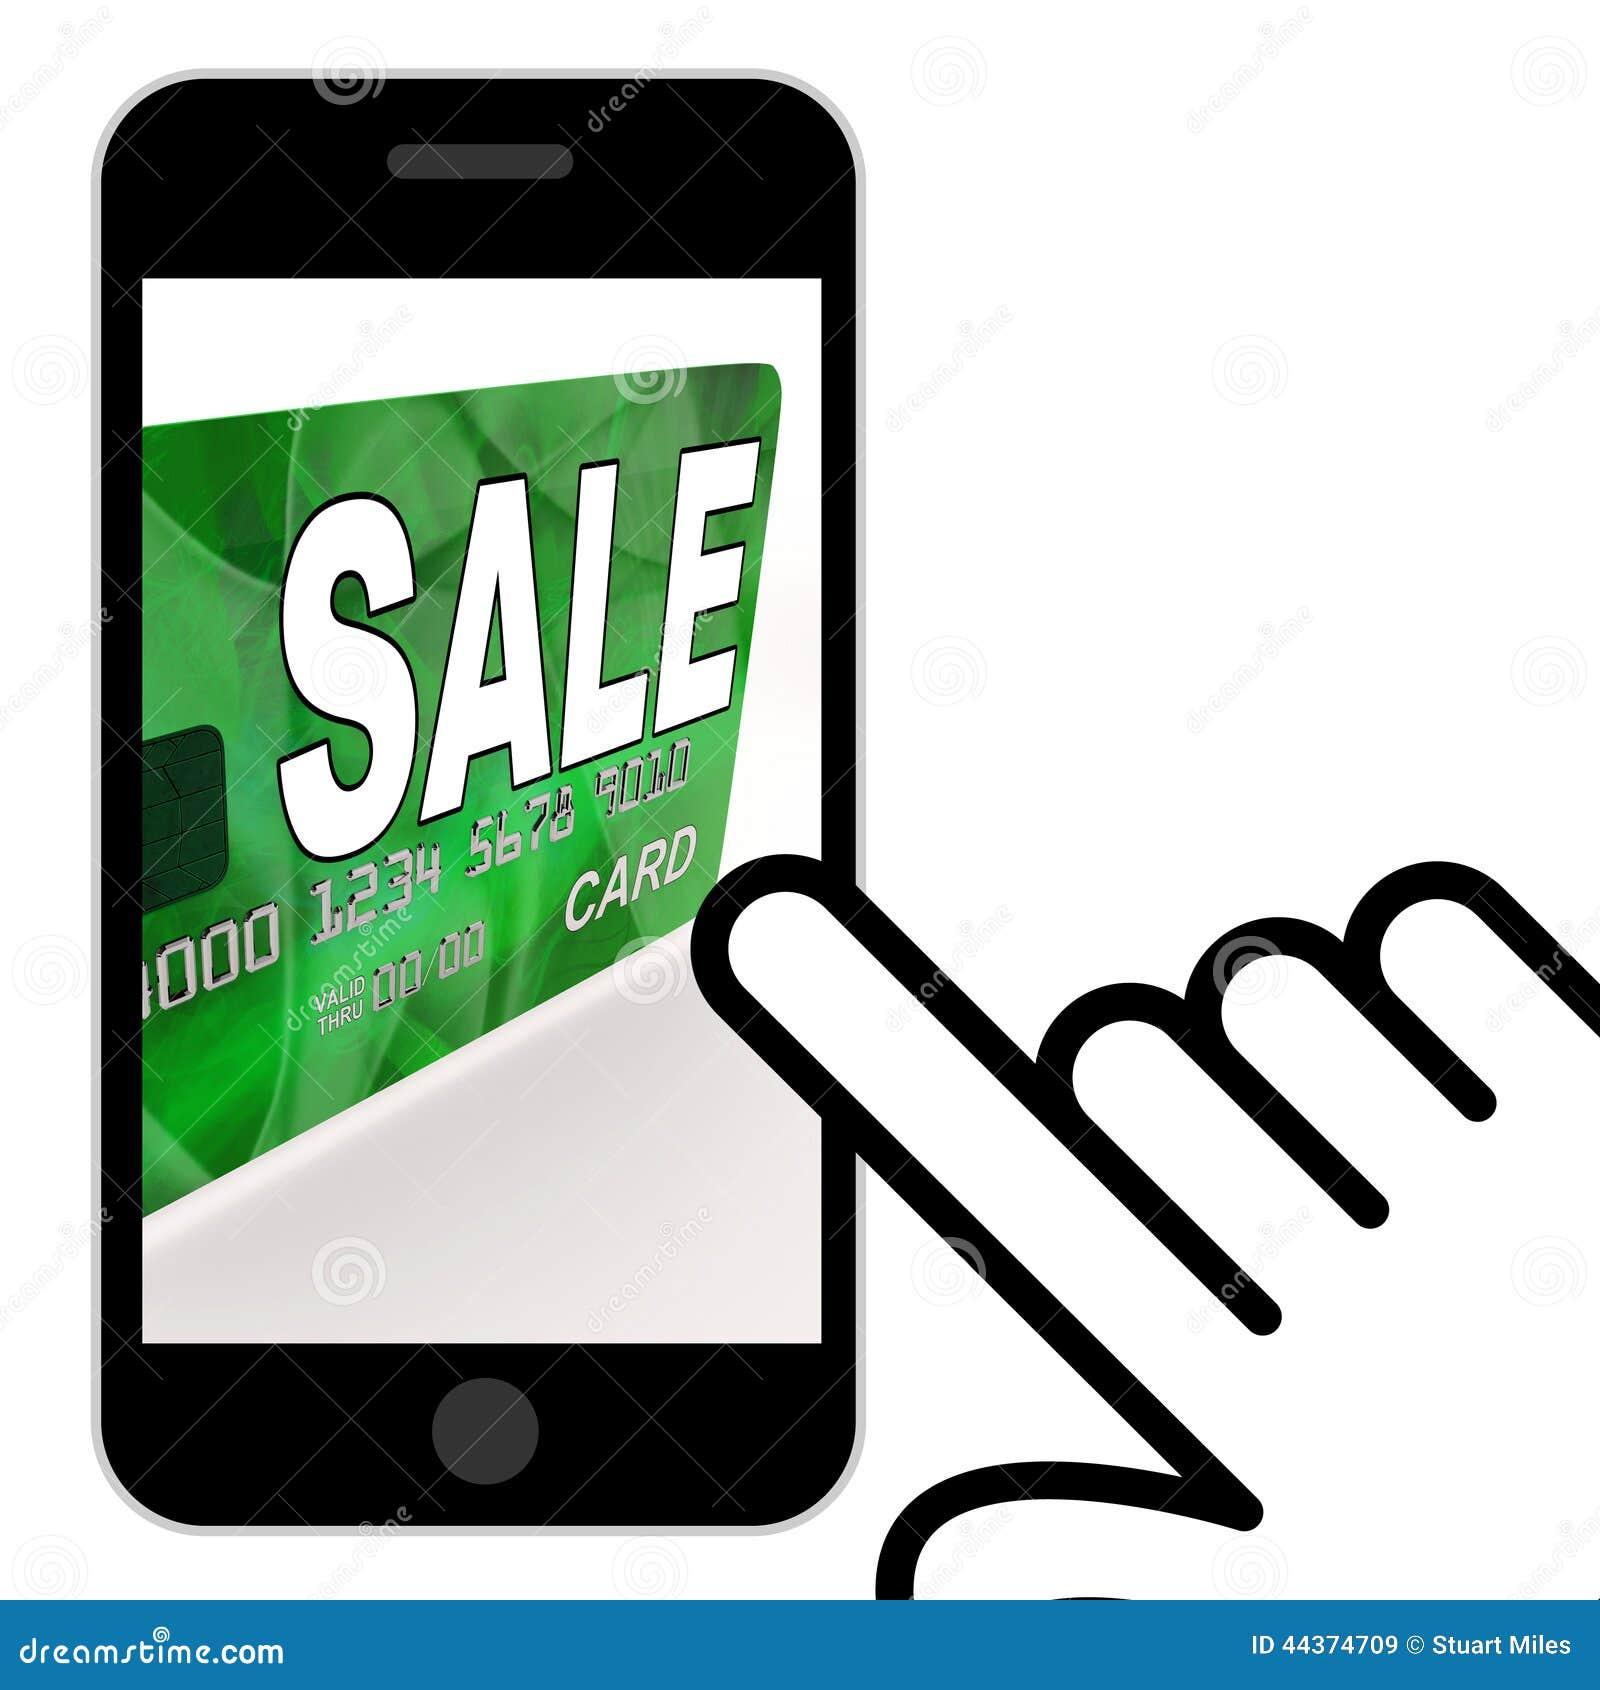 La carta assegni di vendita visualizza il ribasso dei prezzi al minuto